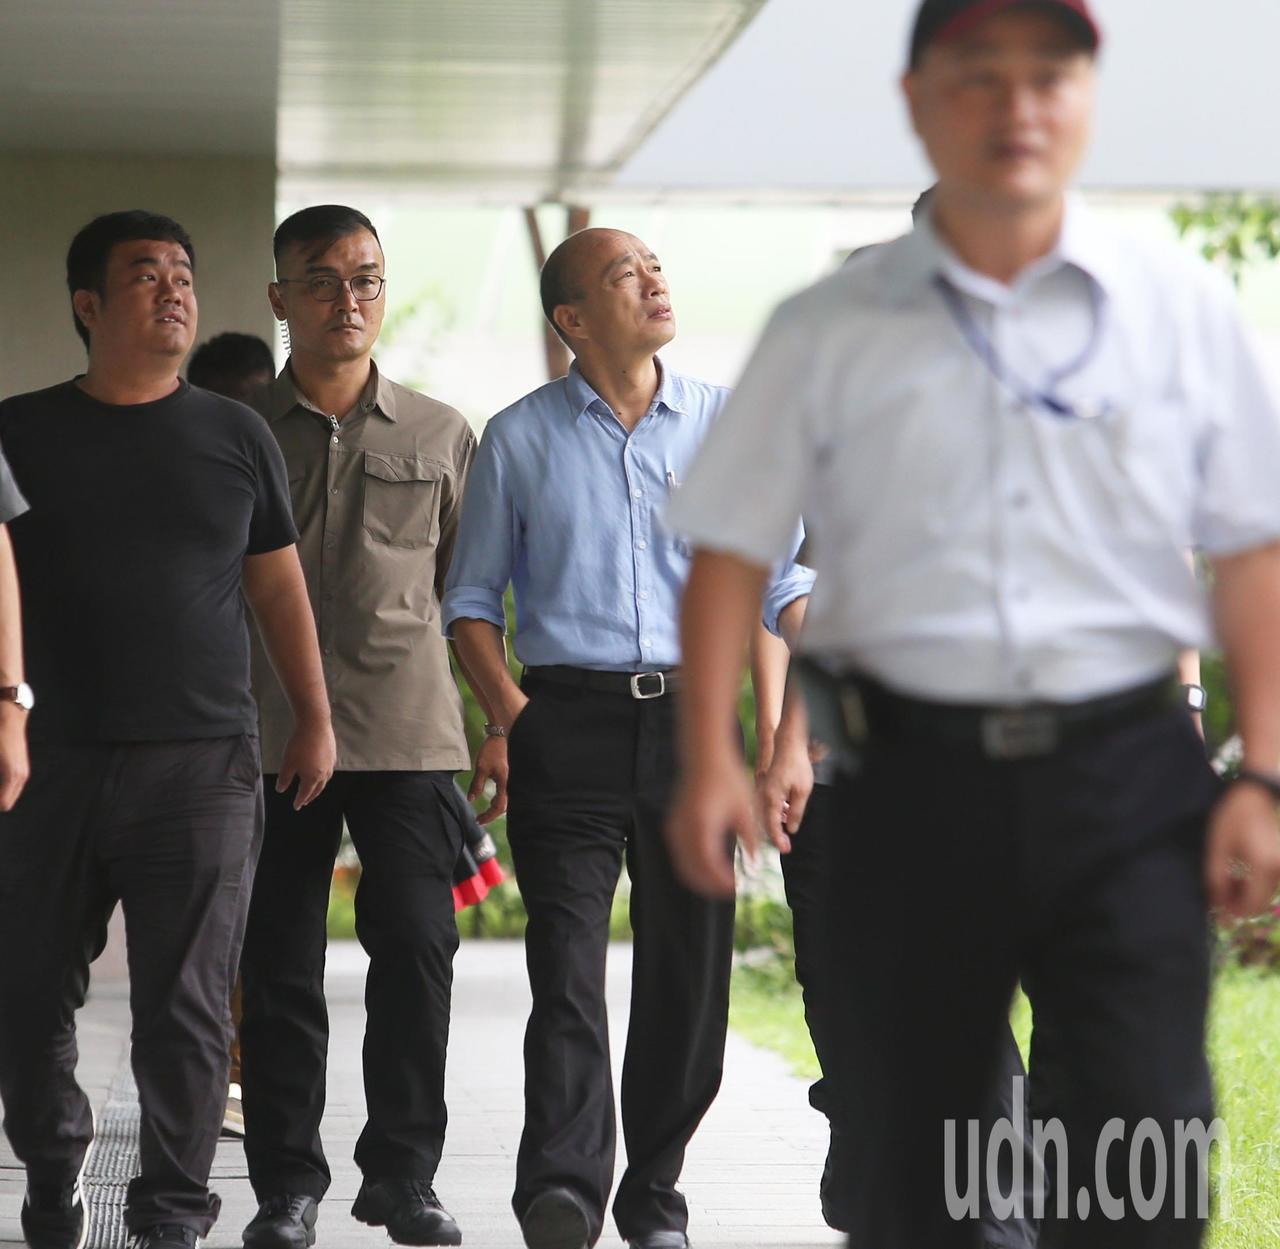 高雄市長韓國瑜今天再爆料國家機器監控他,車子都可能被裝追蹤器。記者劉學聖/攝影